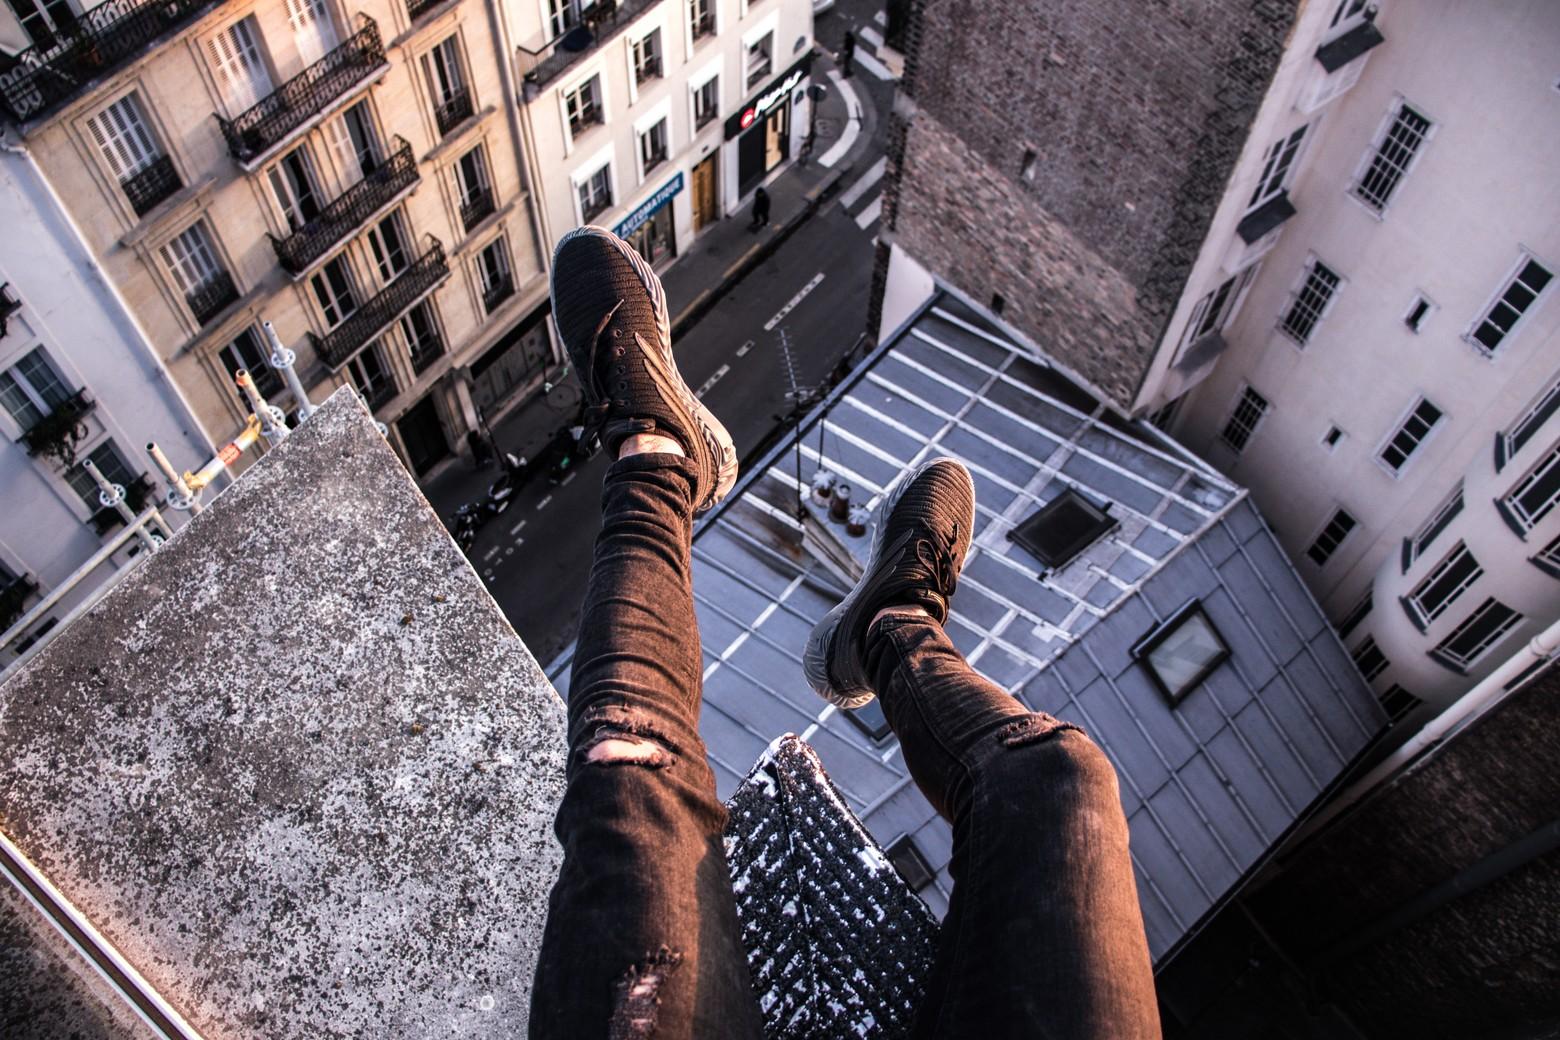 personne assise sur le bord d'un toit d'un bâtiment